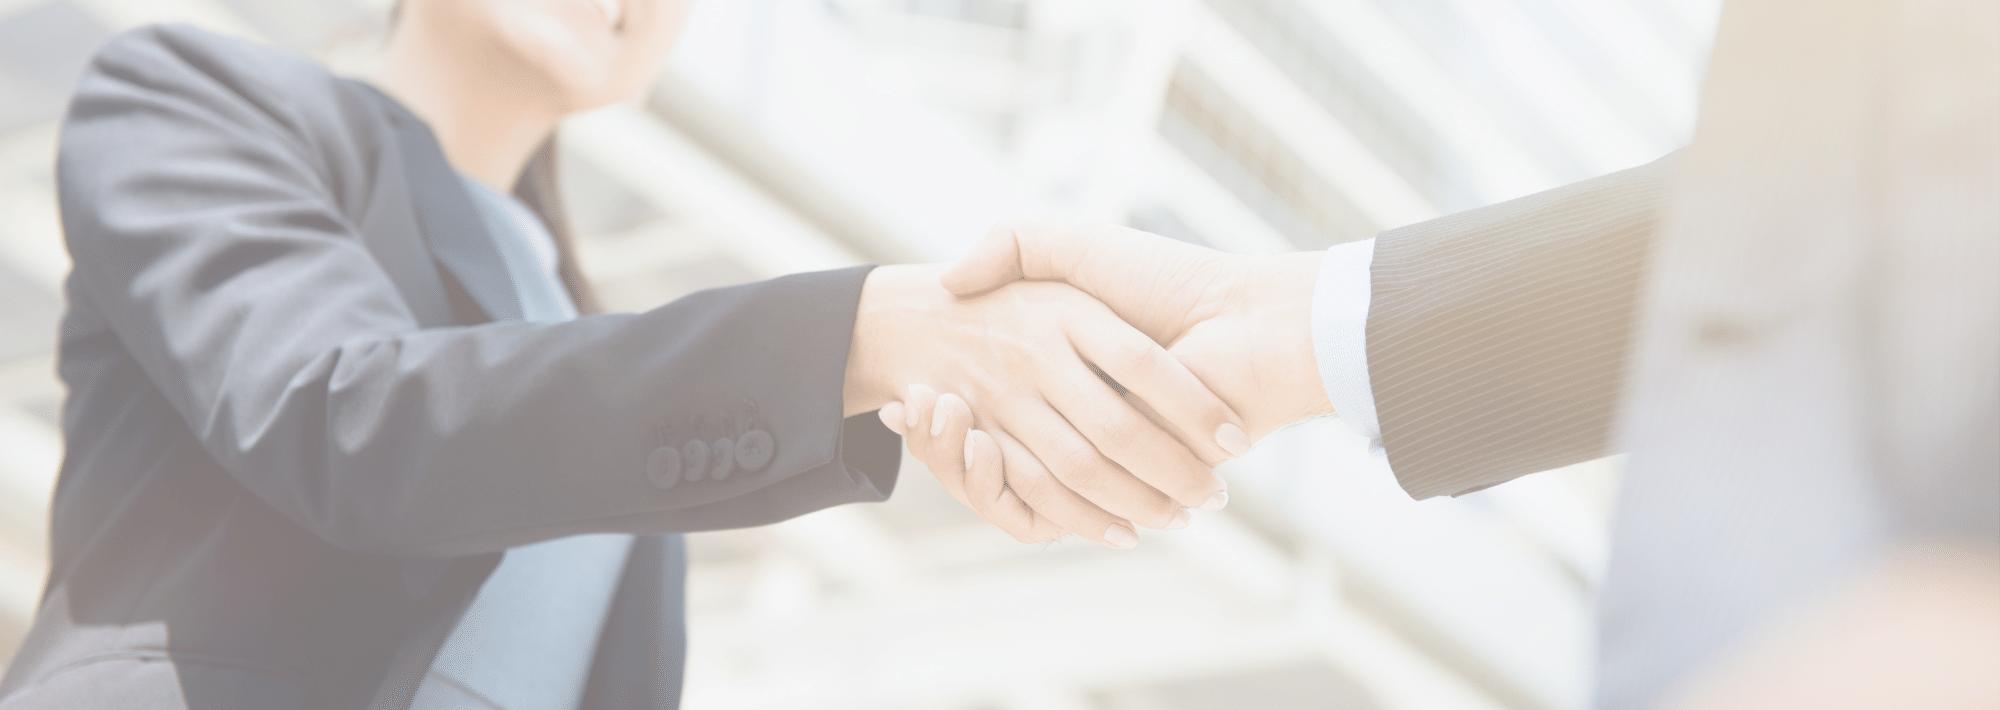 Rapprochement, croissance externe de cabinets d'expert-comptable